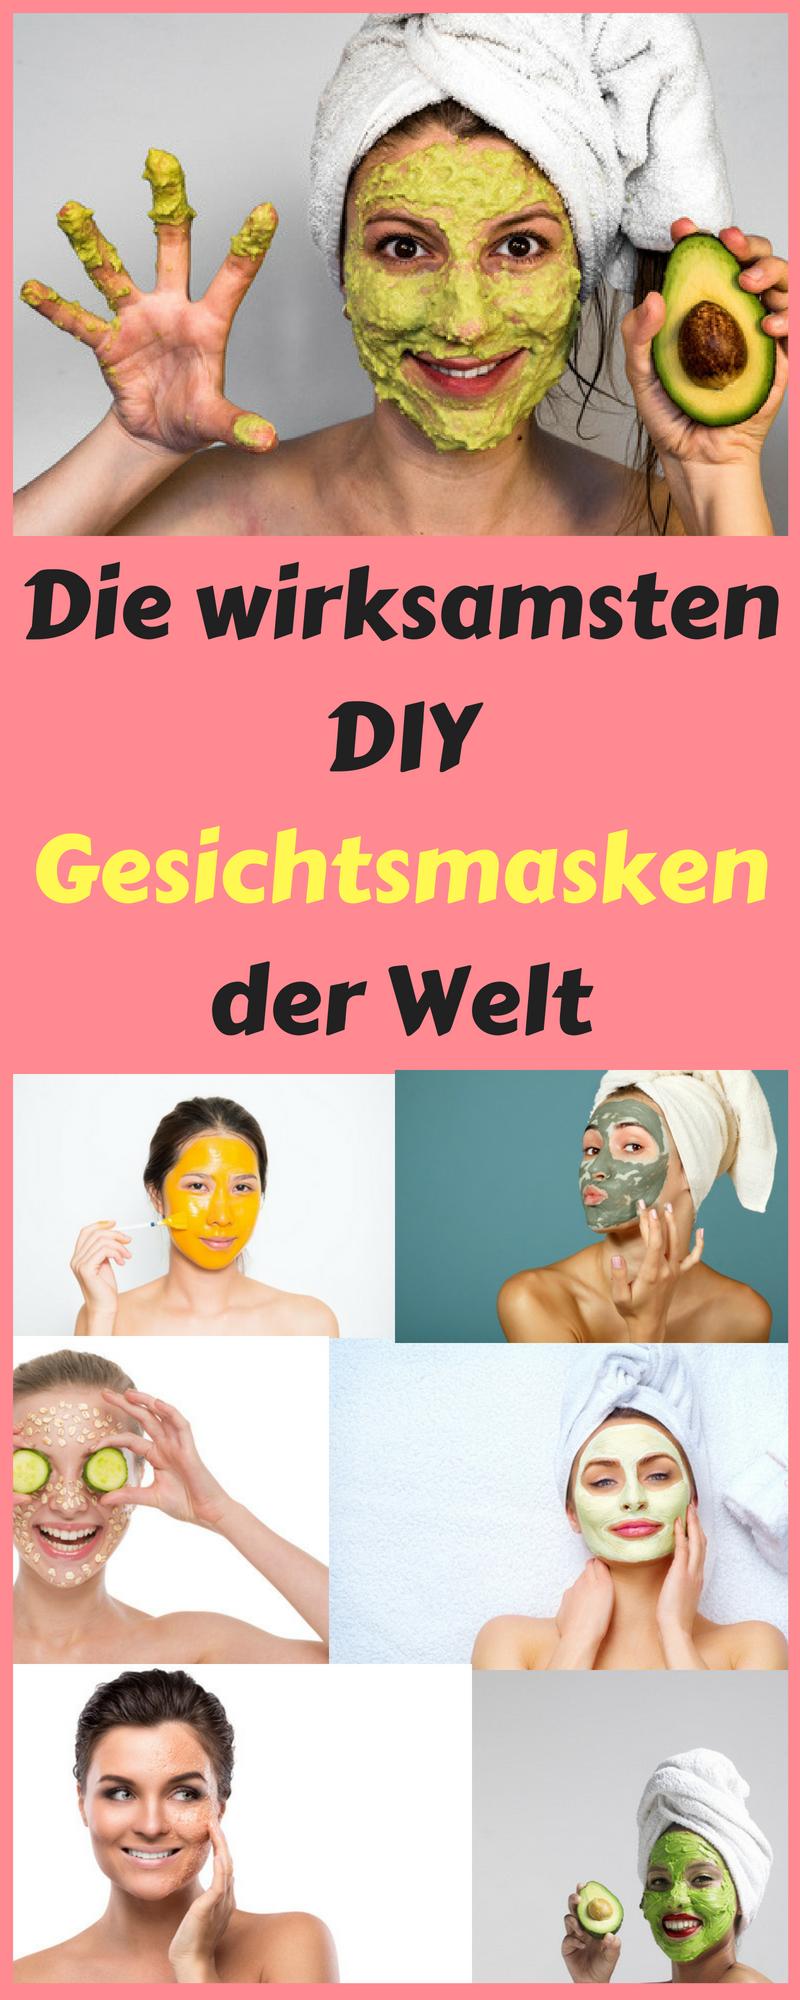 Gesichtsmaske Selber Machen Pickel Gesichtsmaske Selber Machen